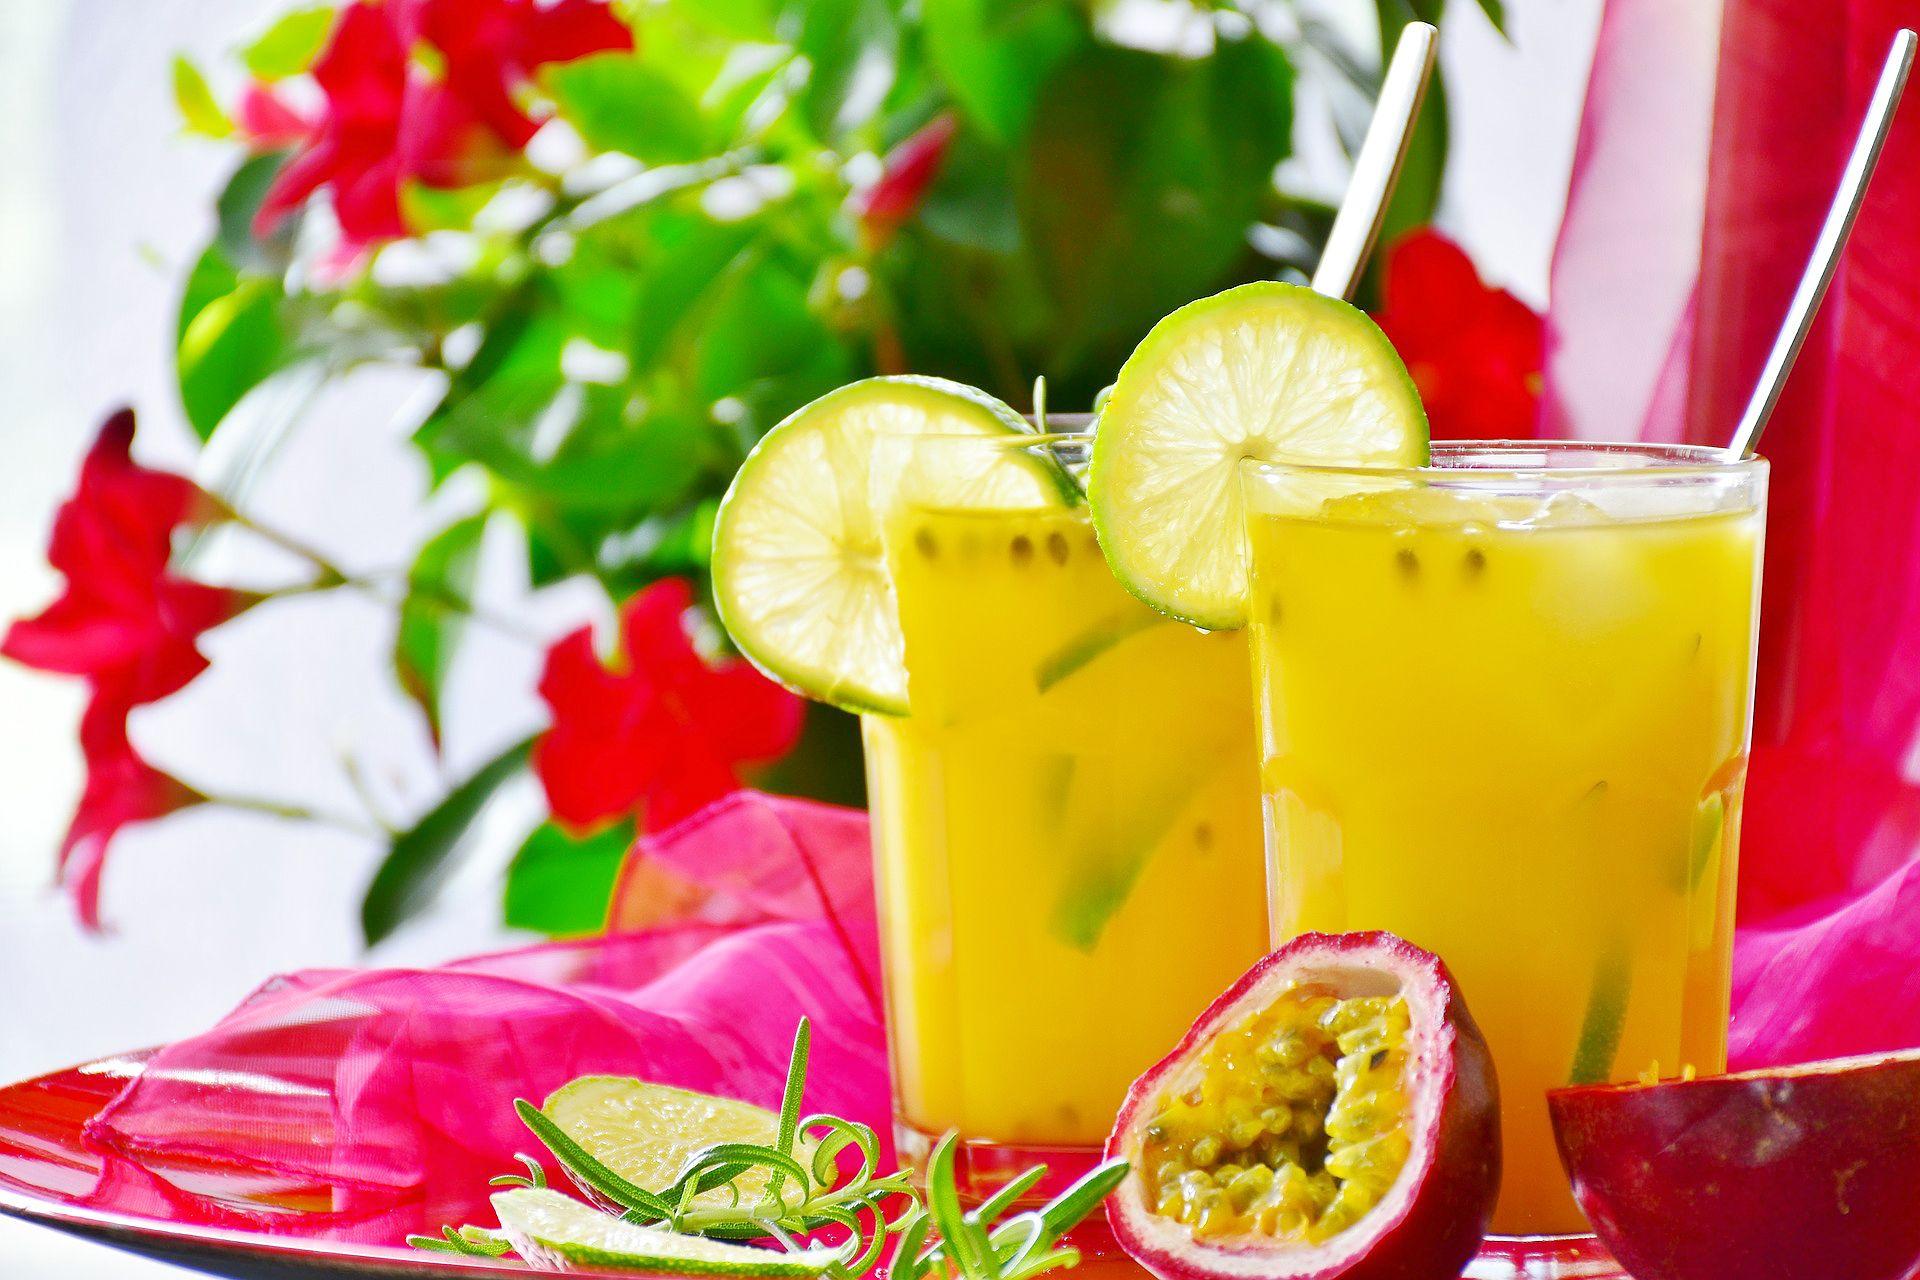 Cóctel de naranja con maracuyá y lima - receta